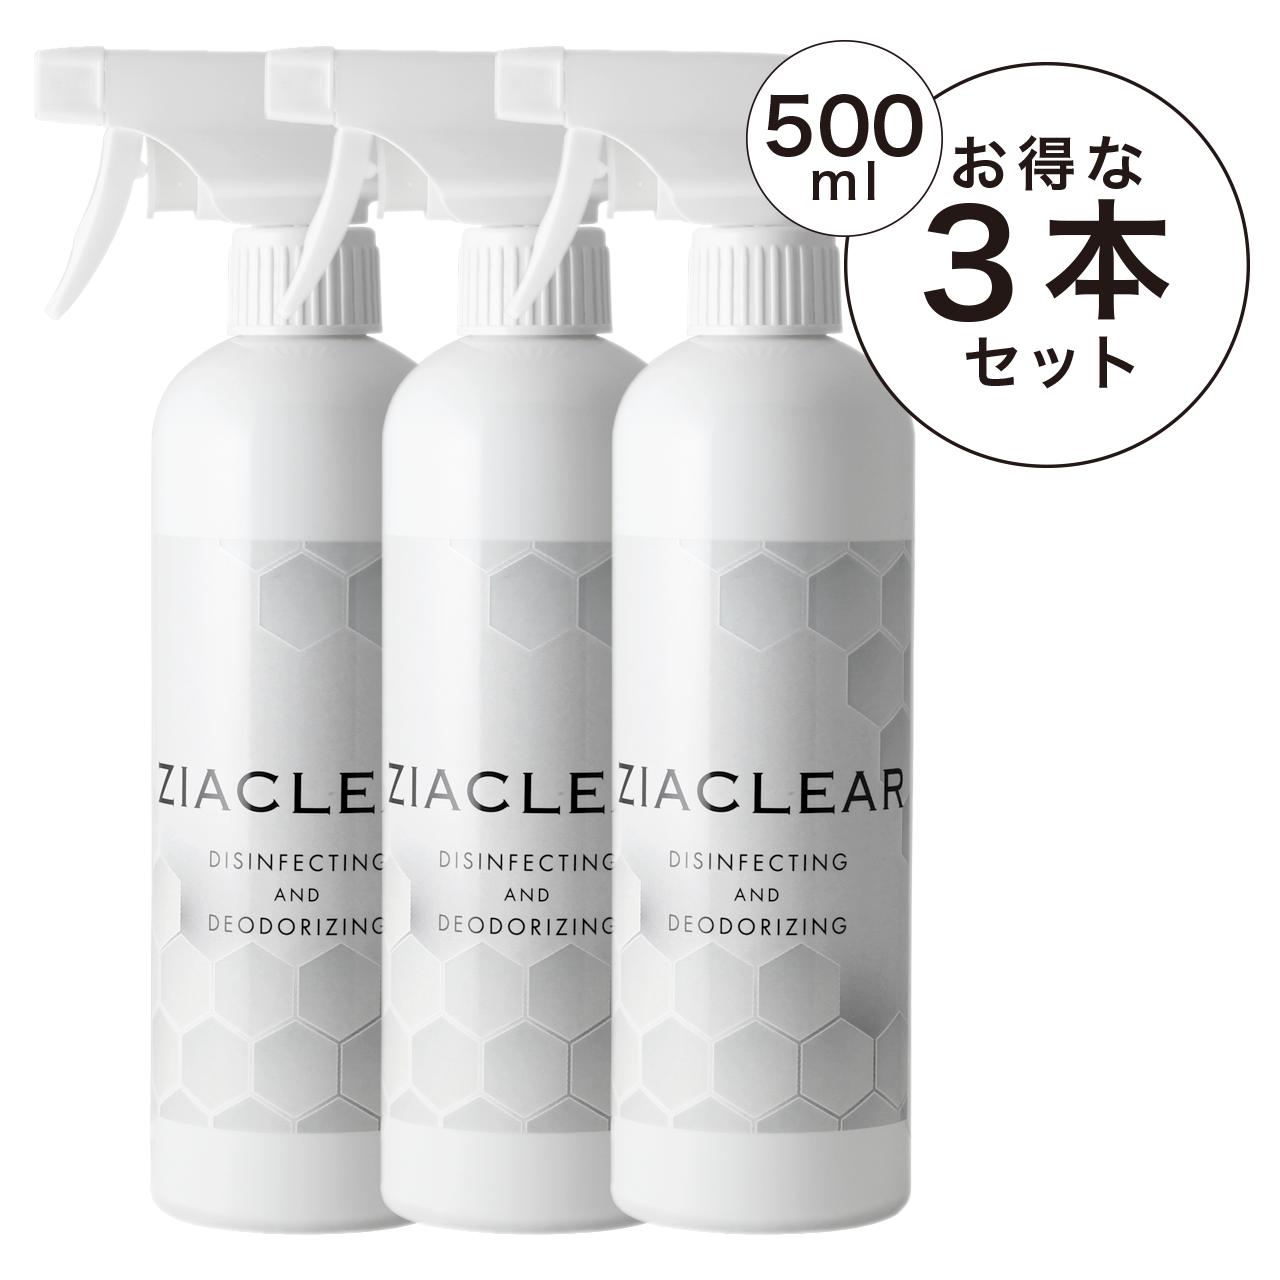 [3本セット]次亜塩素酸水 除菌 消臭「ジアクリア」スプレーボトル 500ml